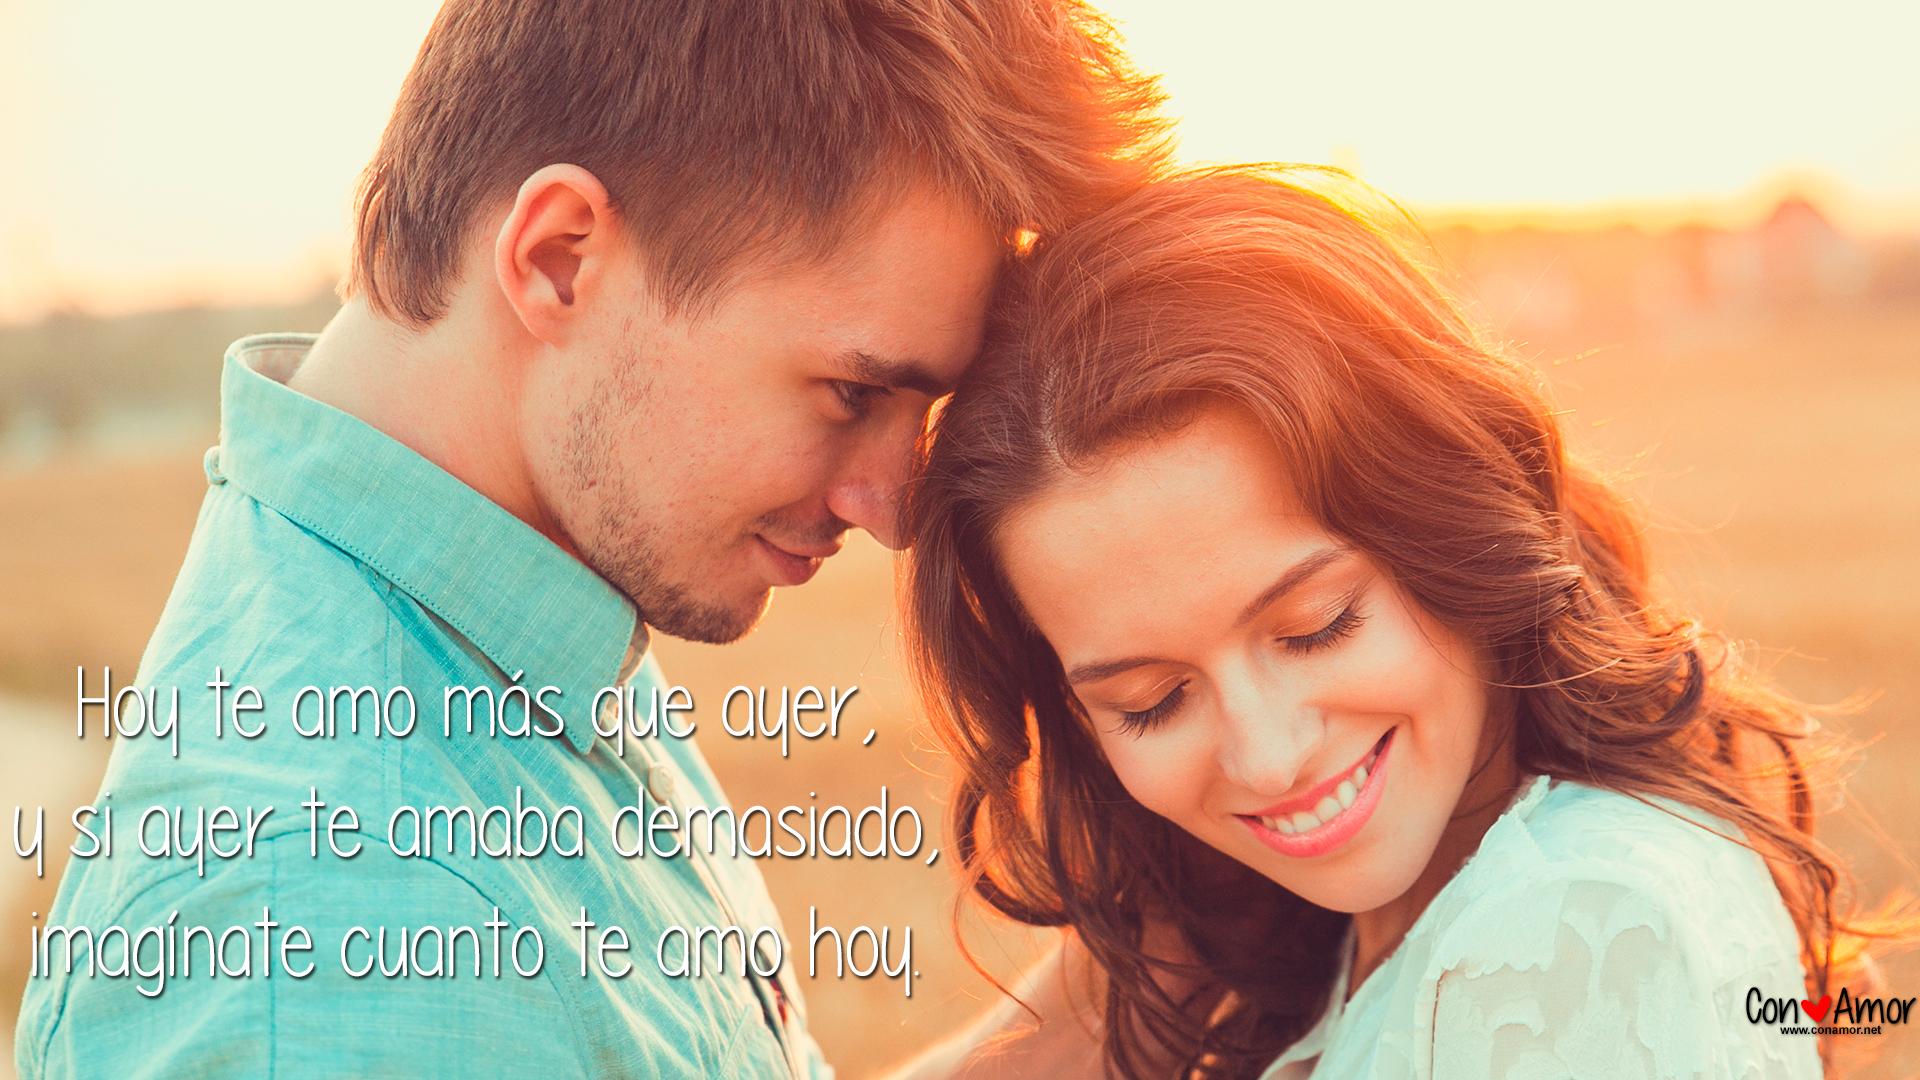 Hoy te amo más que ayer, y si ayer te amaba demasiado, imagínate cuanto te amo hoy.